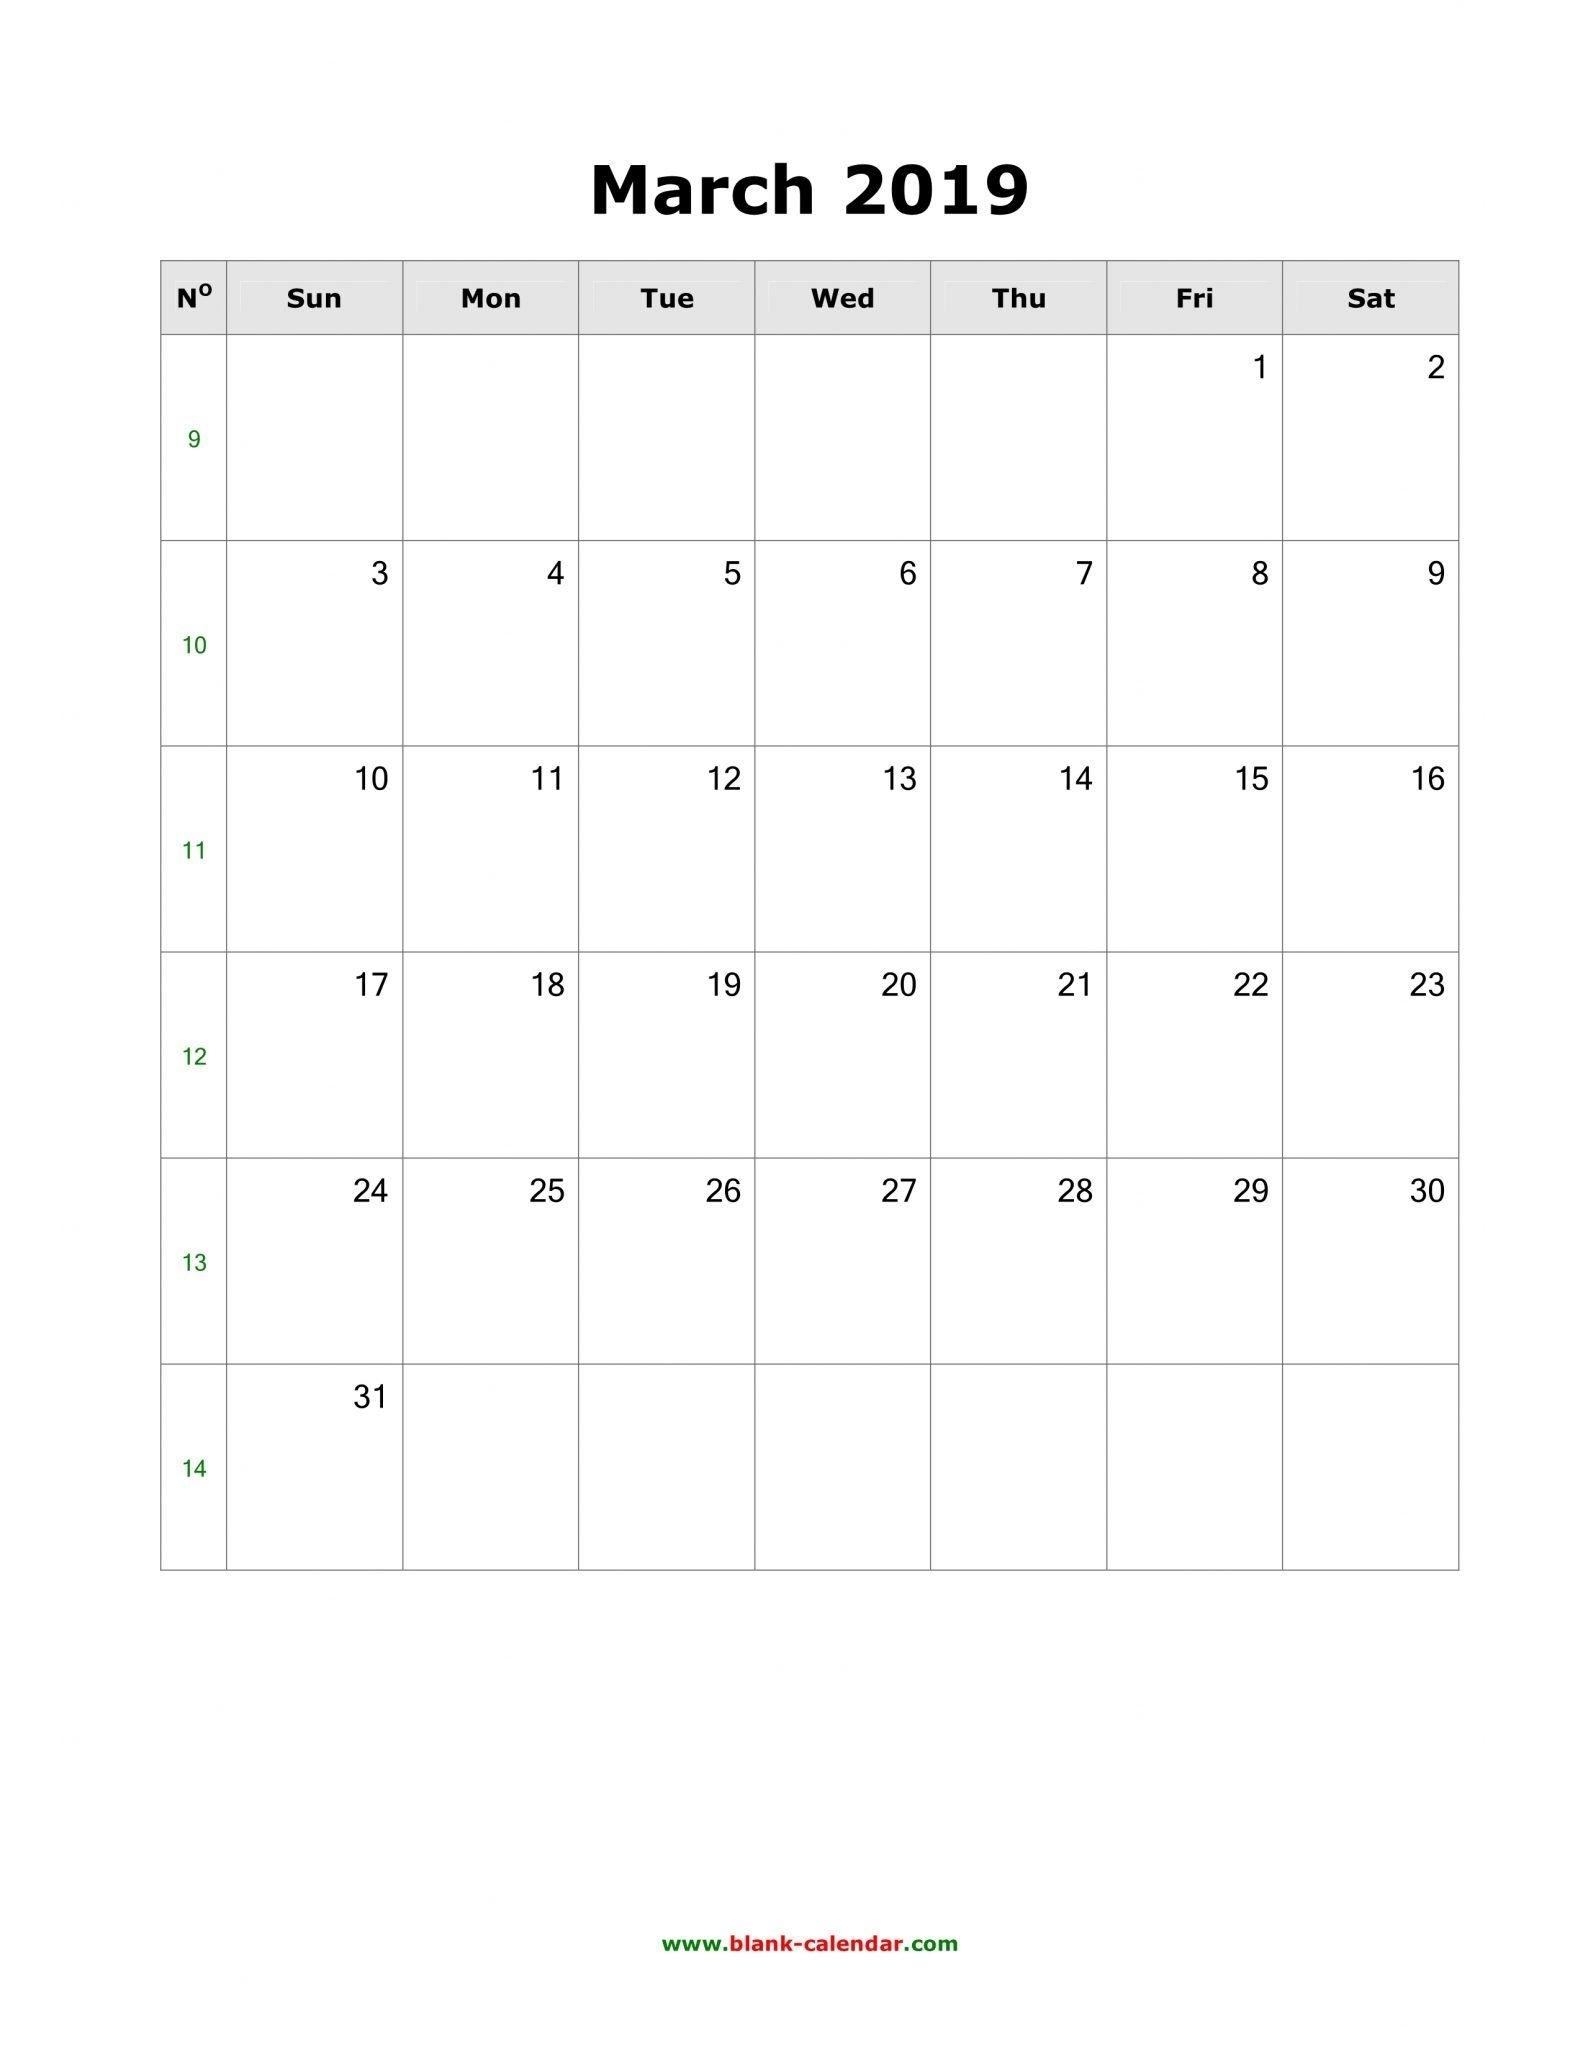 March 2019 Calendar A4 Size | March 2019 Calendar Printable